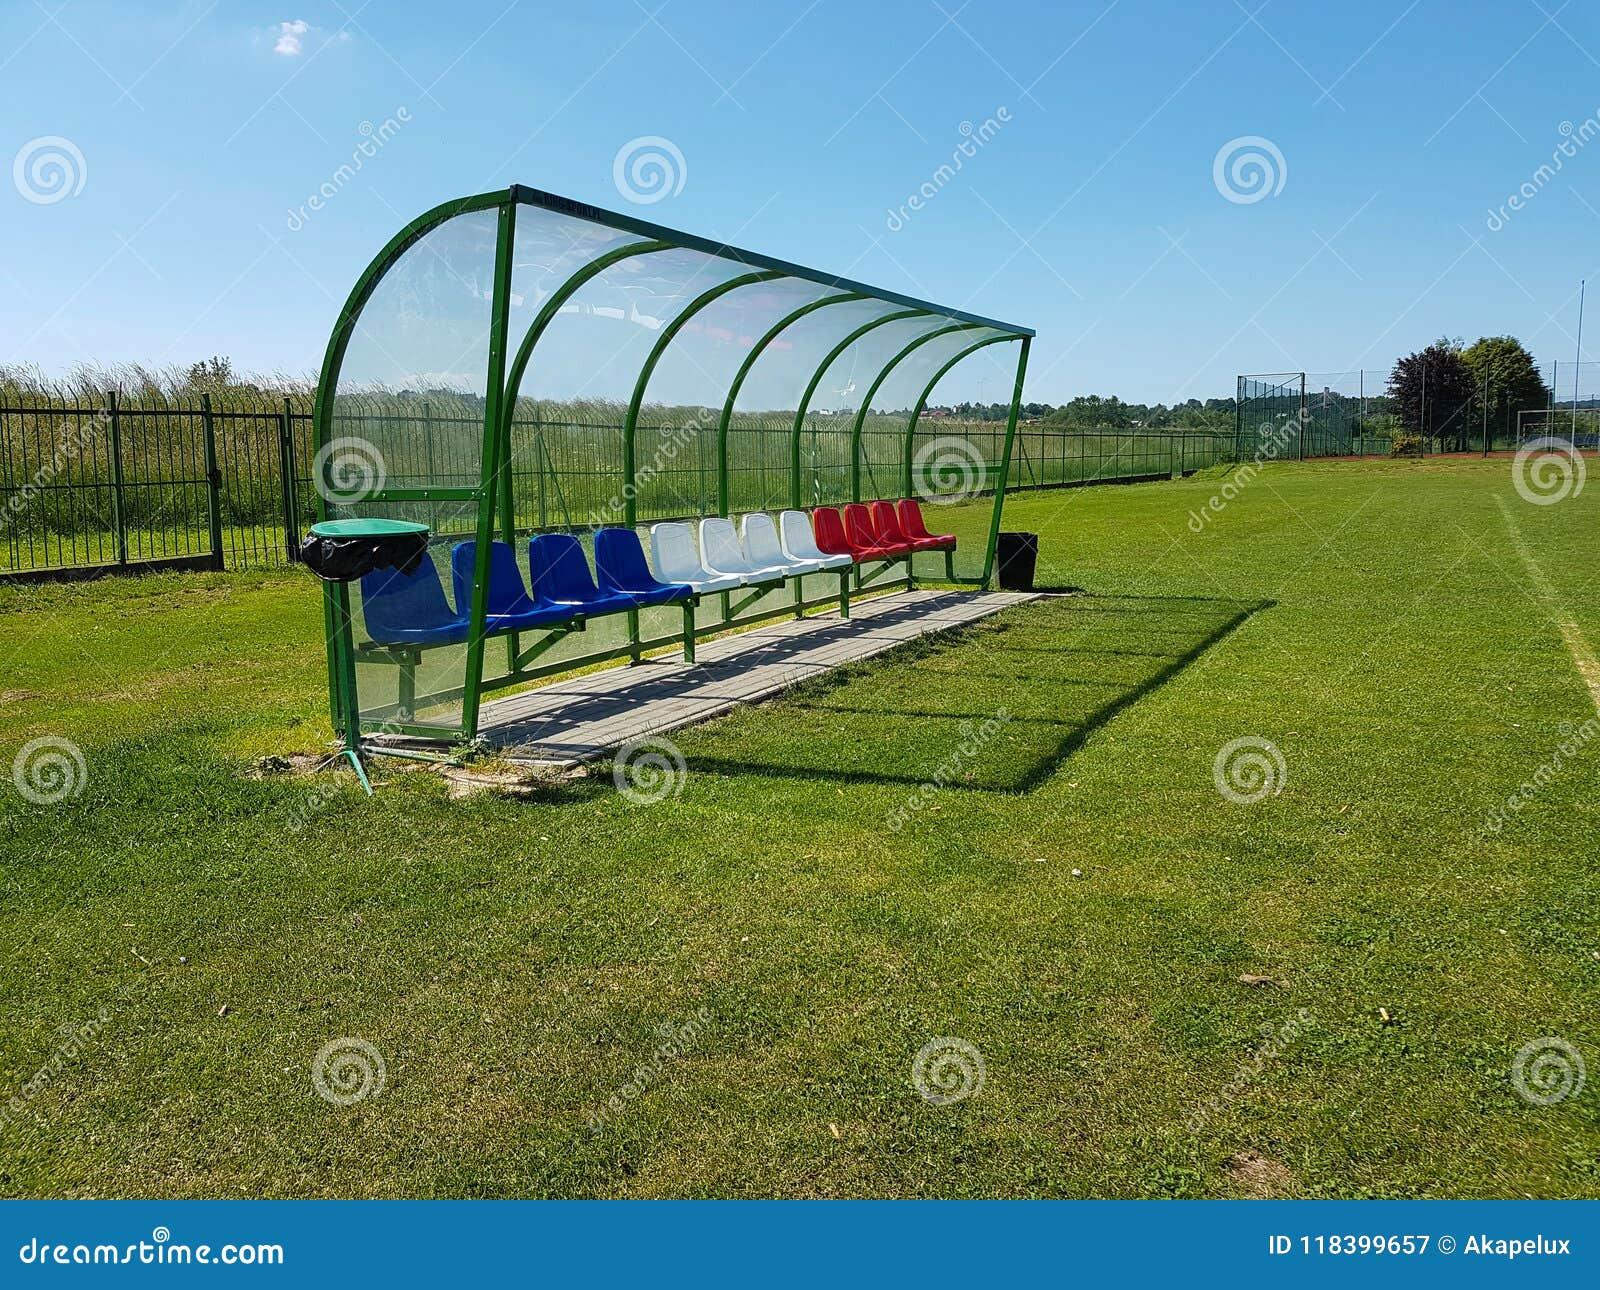 Plaatsen voor bussen en reservespelers op het voetbalgebied Plastiek gekleurde banken onder een luifel van transparante glasvezel